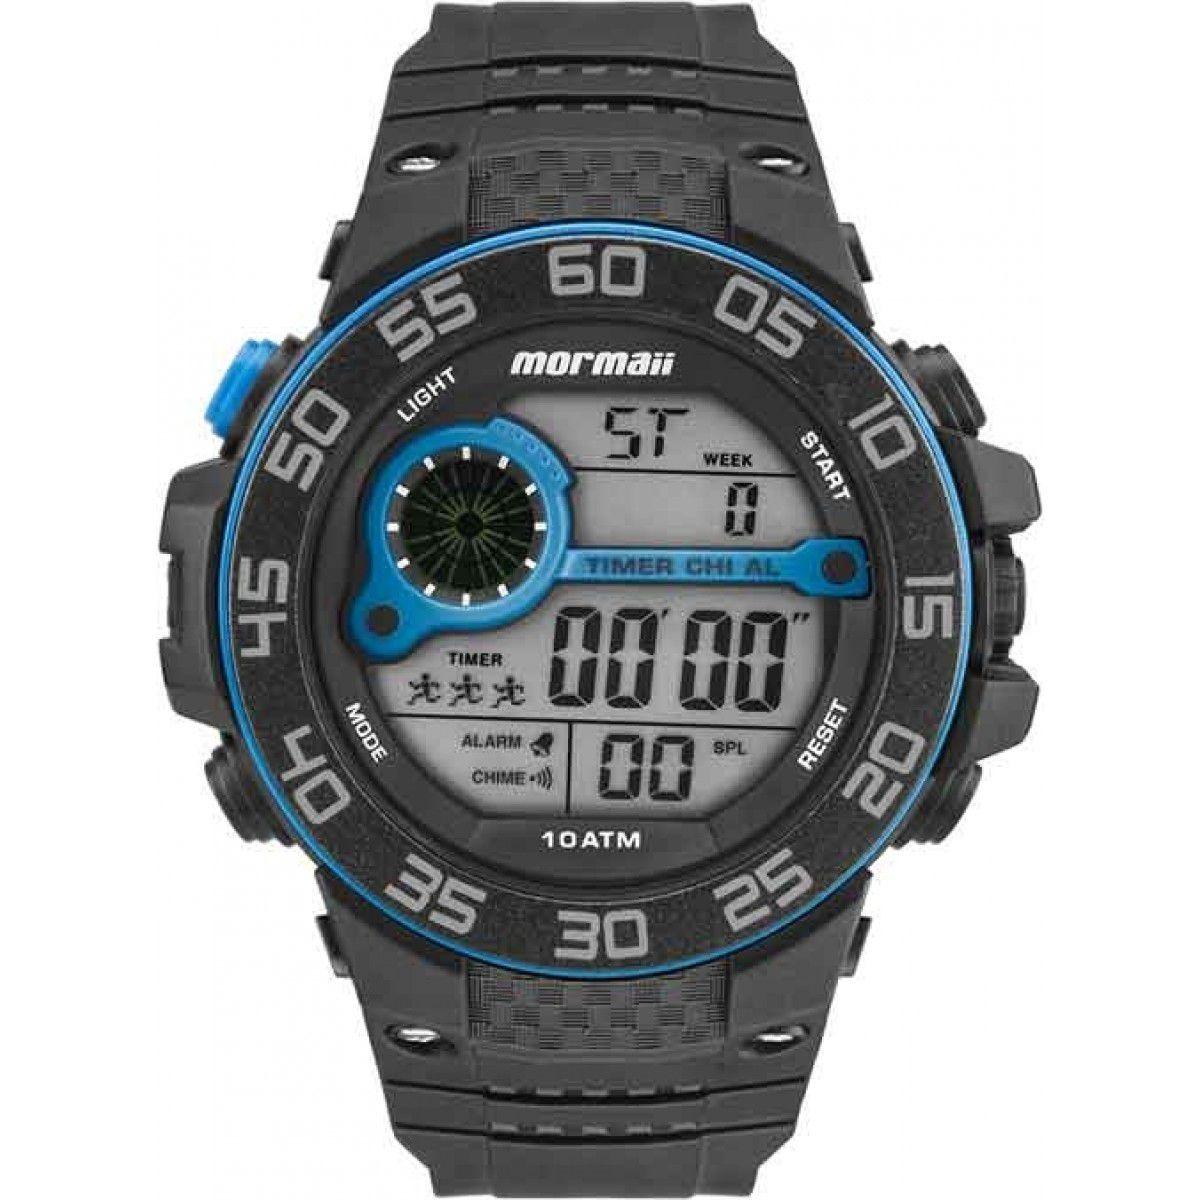 3294b827b0f Relógio Mormaii Wave Ref  5.693 - R  198